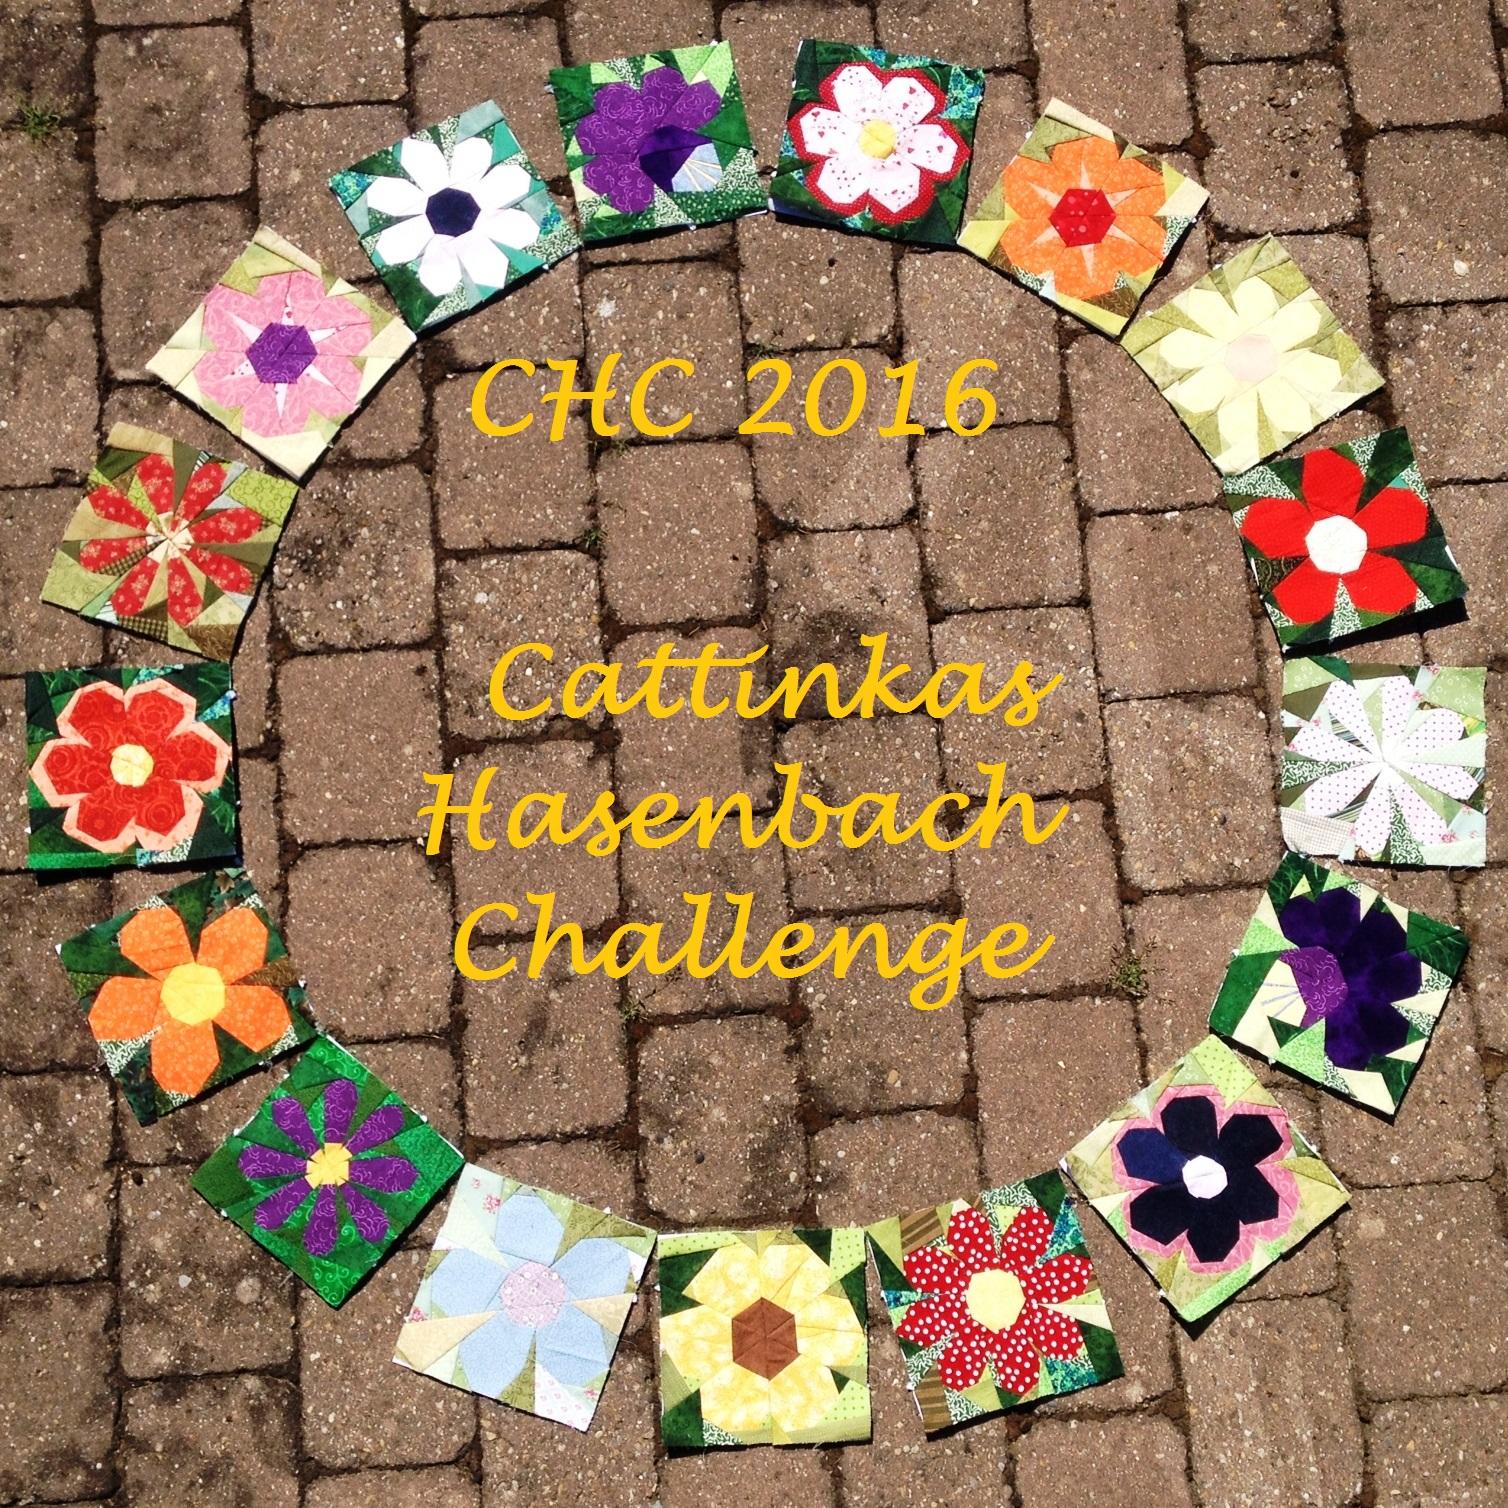 Hasenbach Challenge 2016